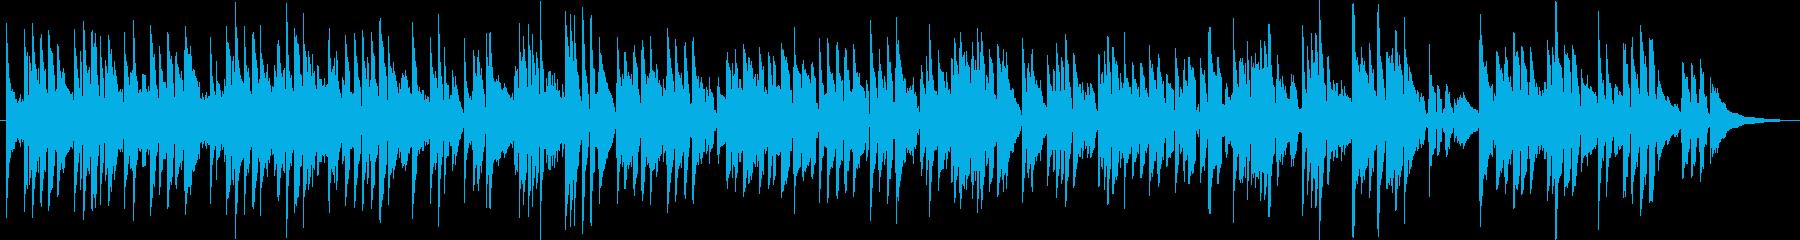 アコースティックギターの穏やかな3拍子の再生済みの波形